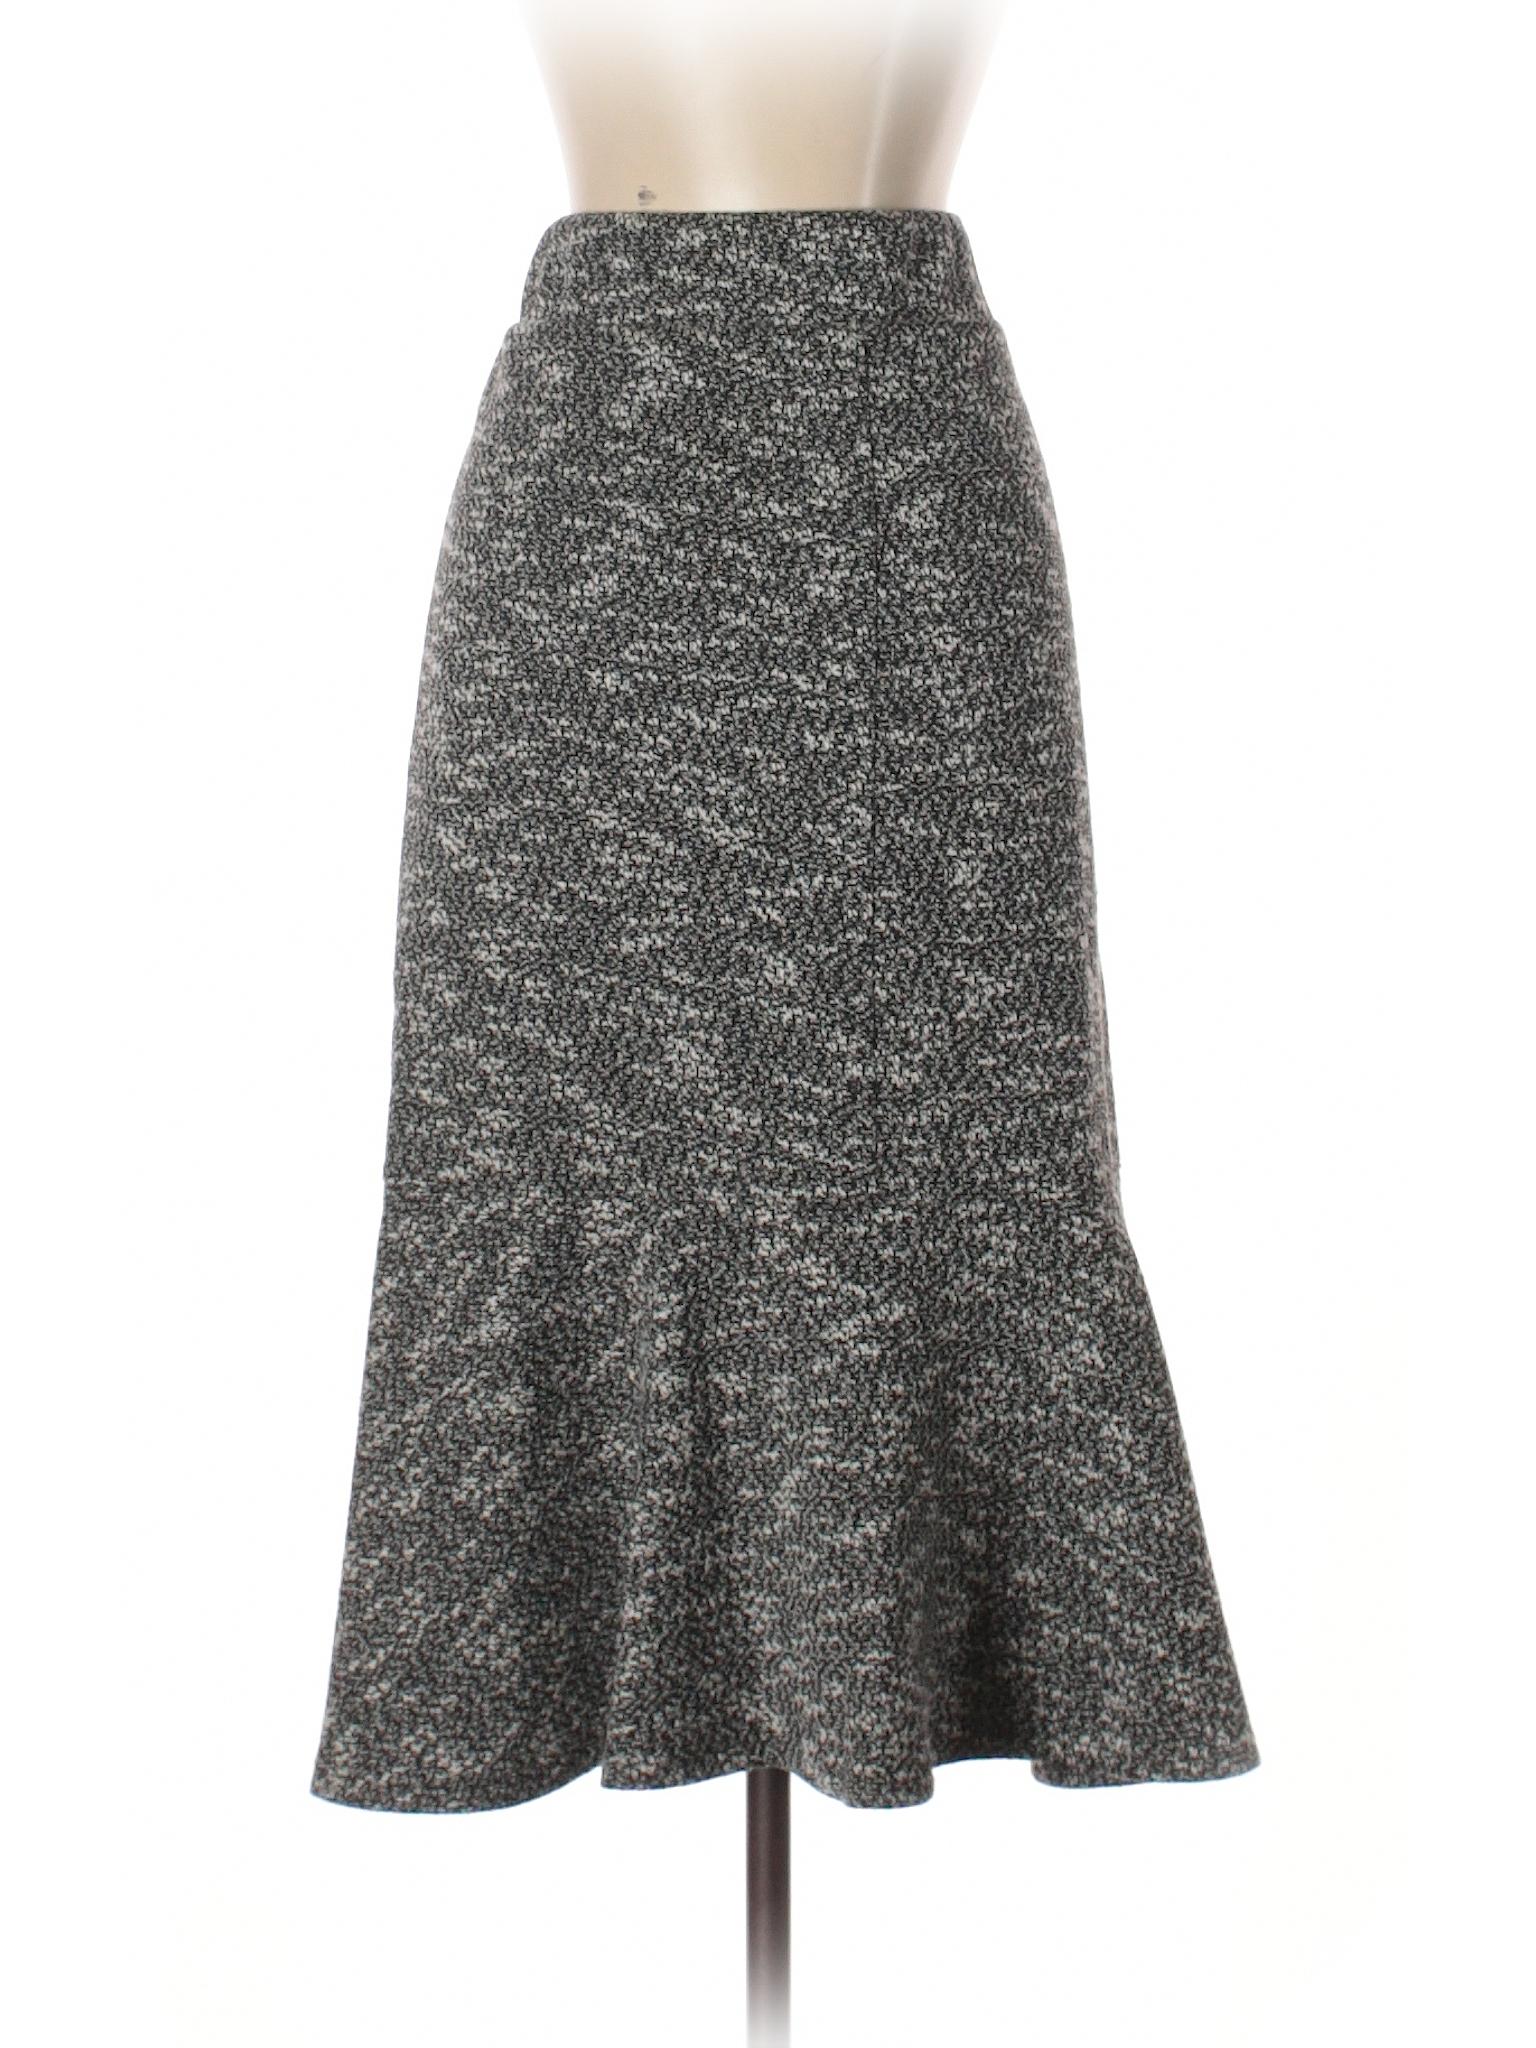 Casual Boutique End End Lands' Casual Boutique Skirt Skirt Boutique Lands' r8HyraTW